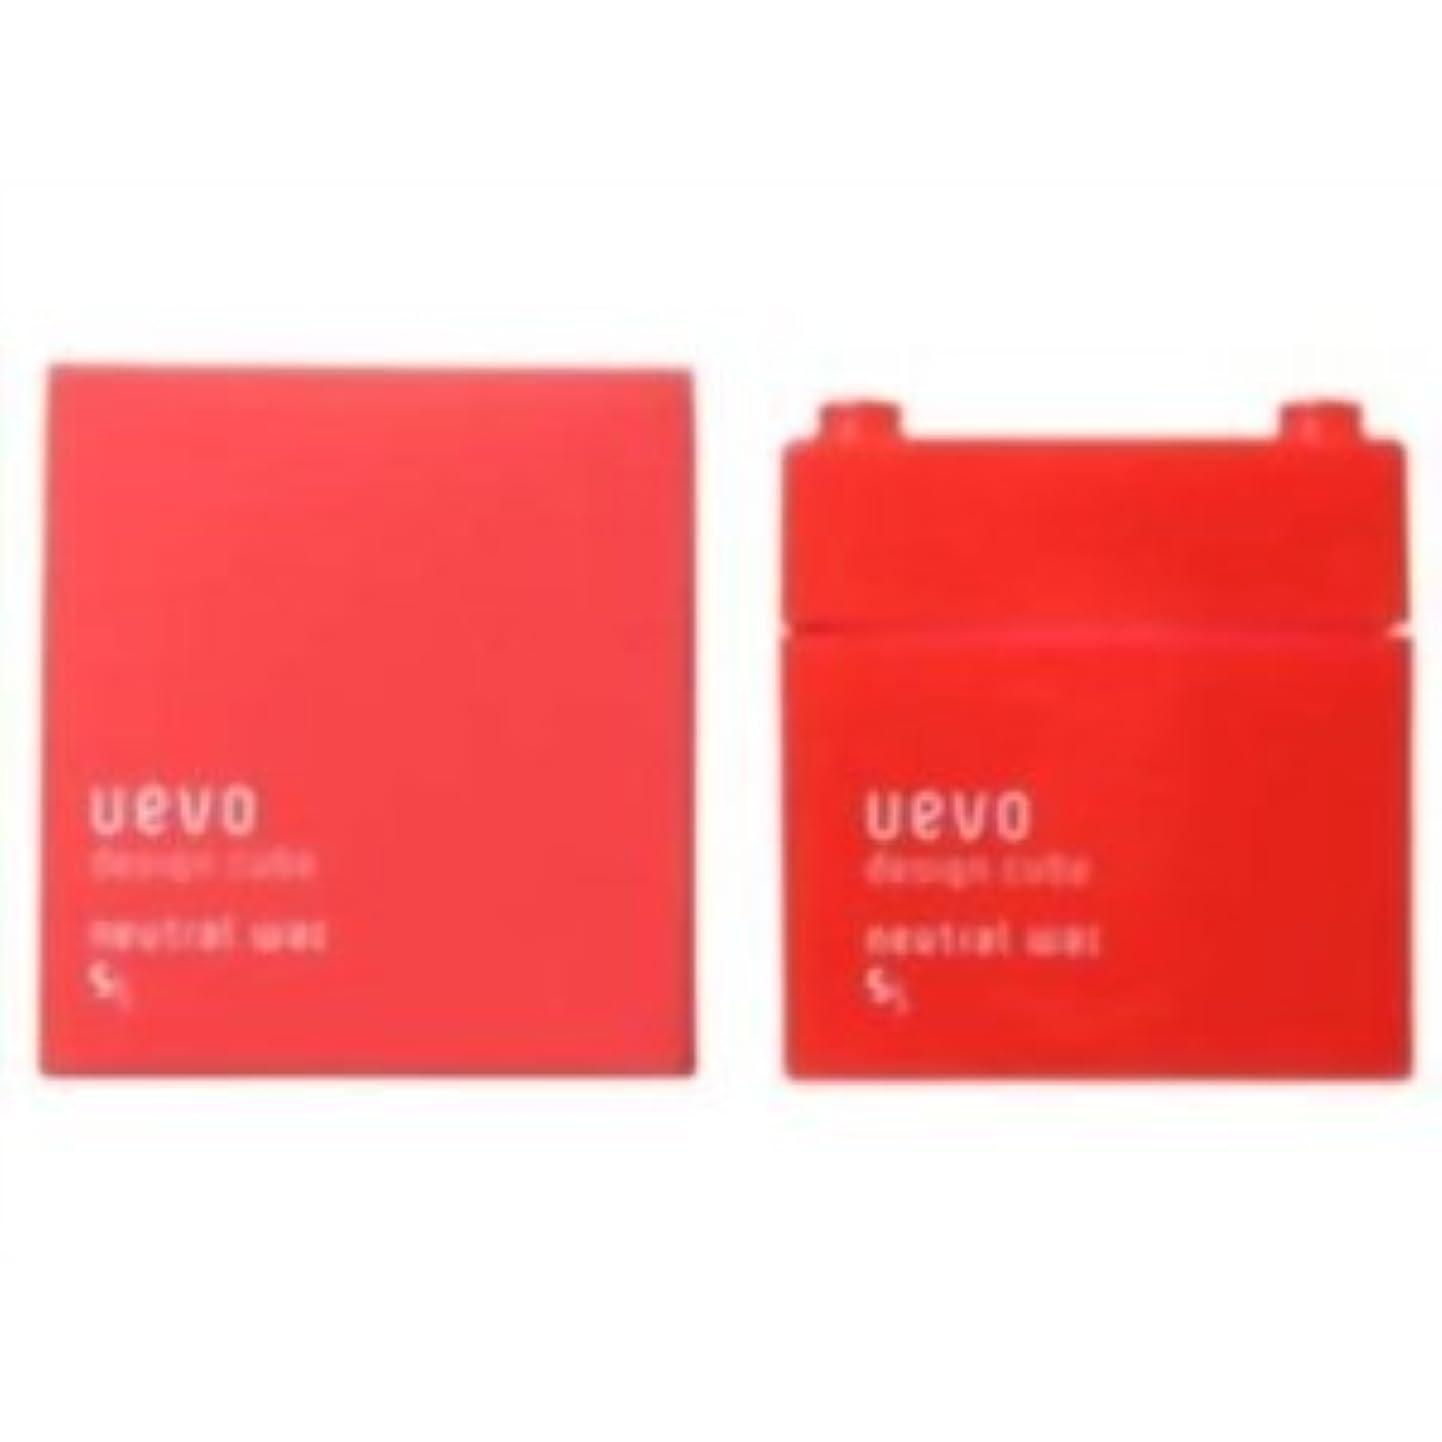 ジレンマ憂慮すべき発生する【X2個セット】 デミ ウェーボ デザインキューブ ニュートラルワックス 80g neutral wax DEMI uevo design cube